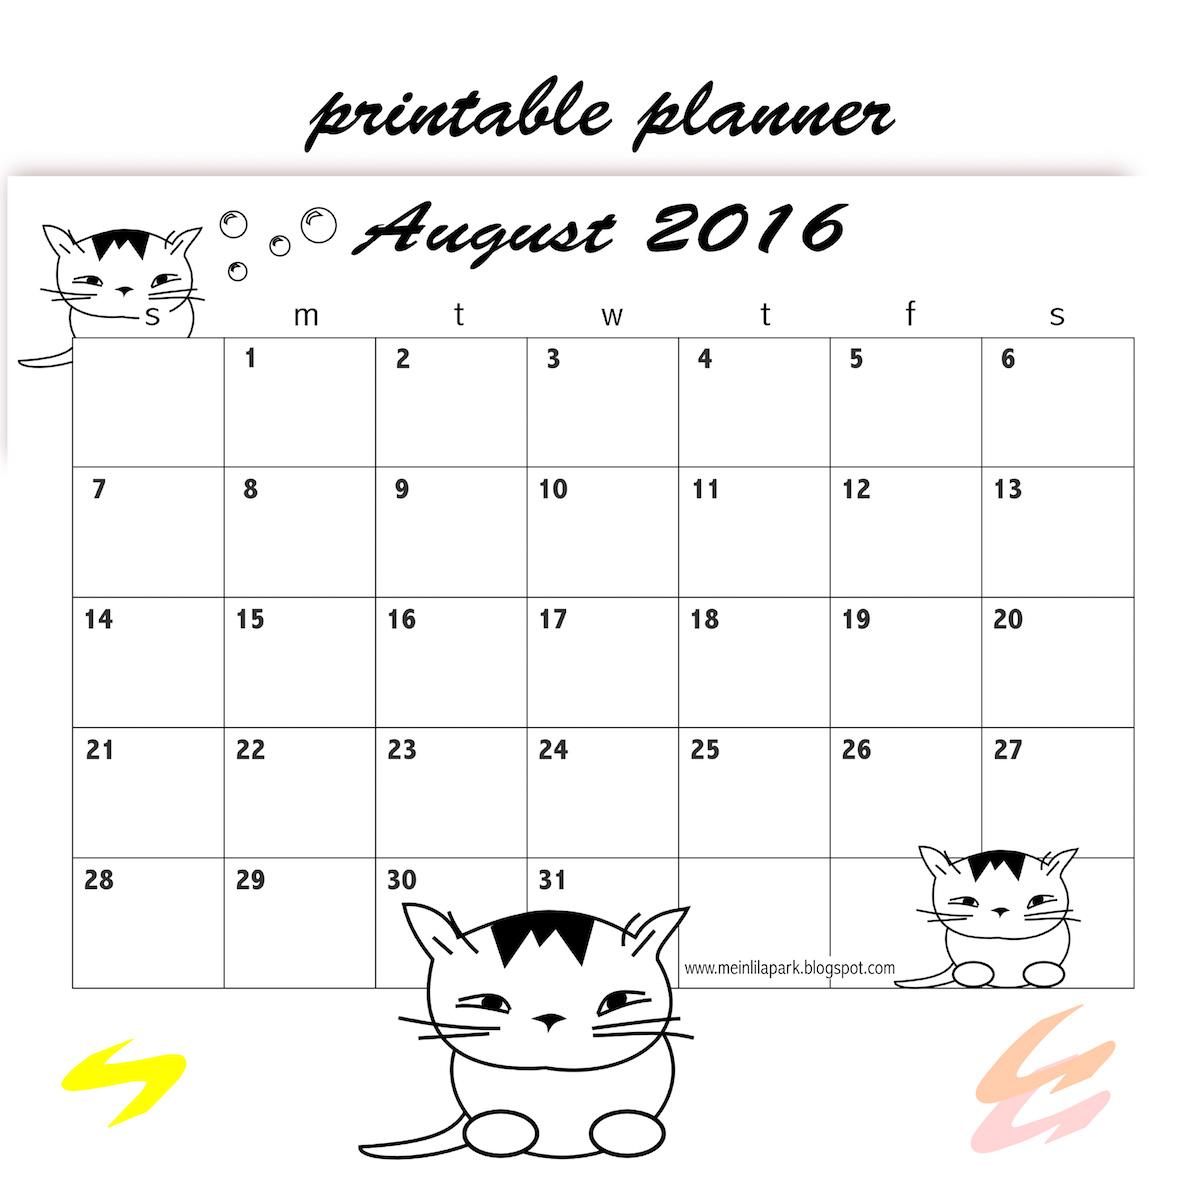 FREE printable August 2016 calendar planner - freebie | MeinLilaPark